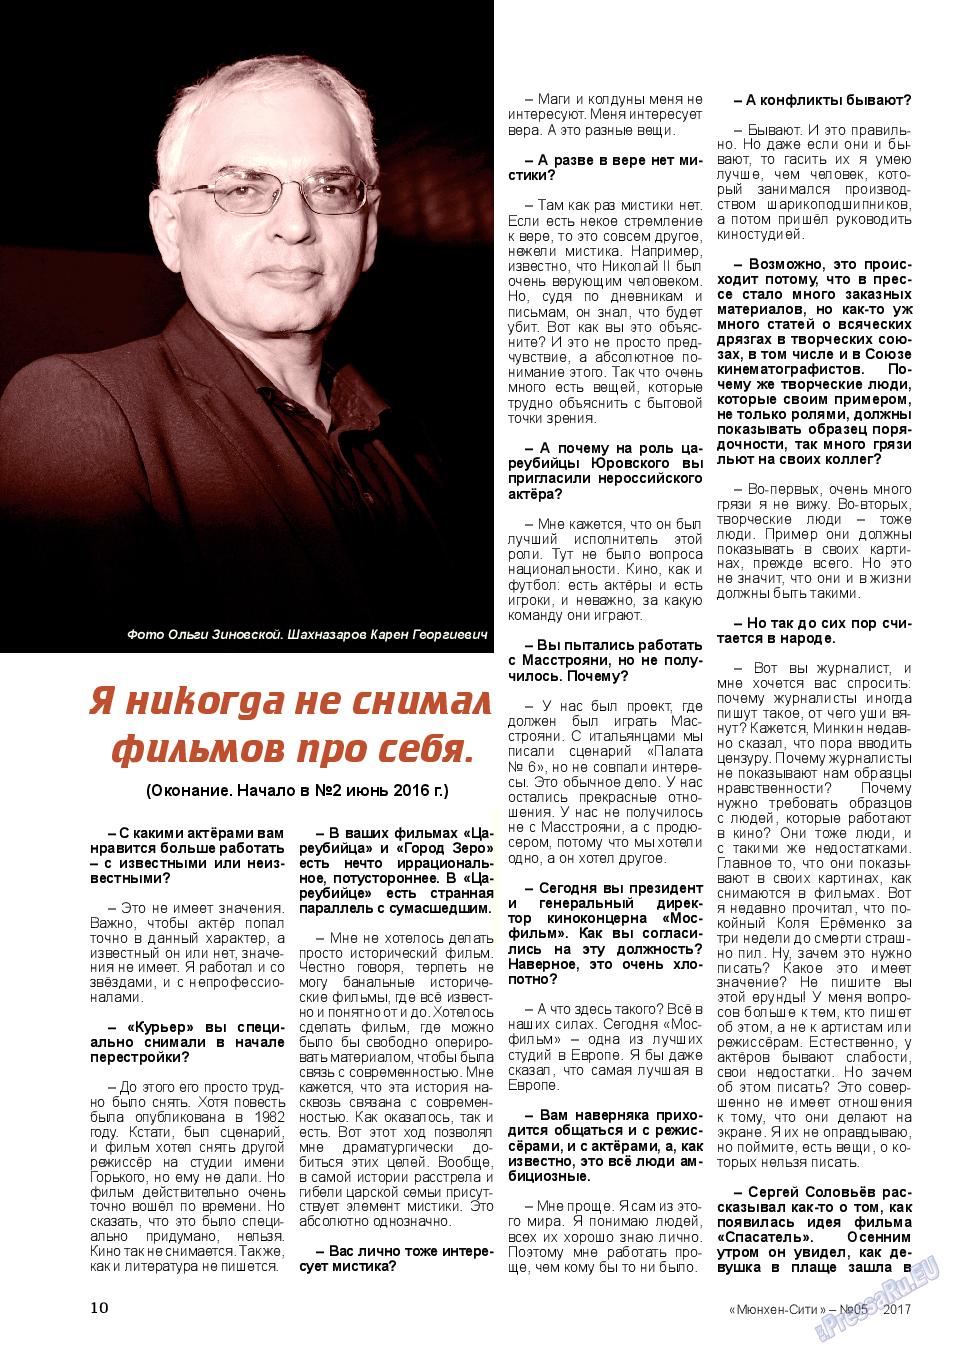 Мюнхен-сити (журнал). 2017 год, номер 5, стр. 10